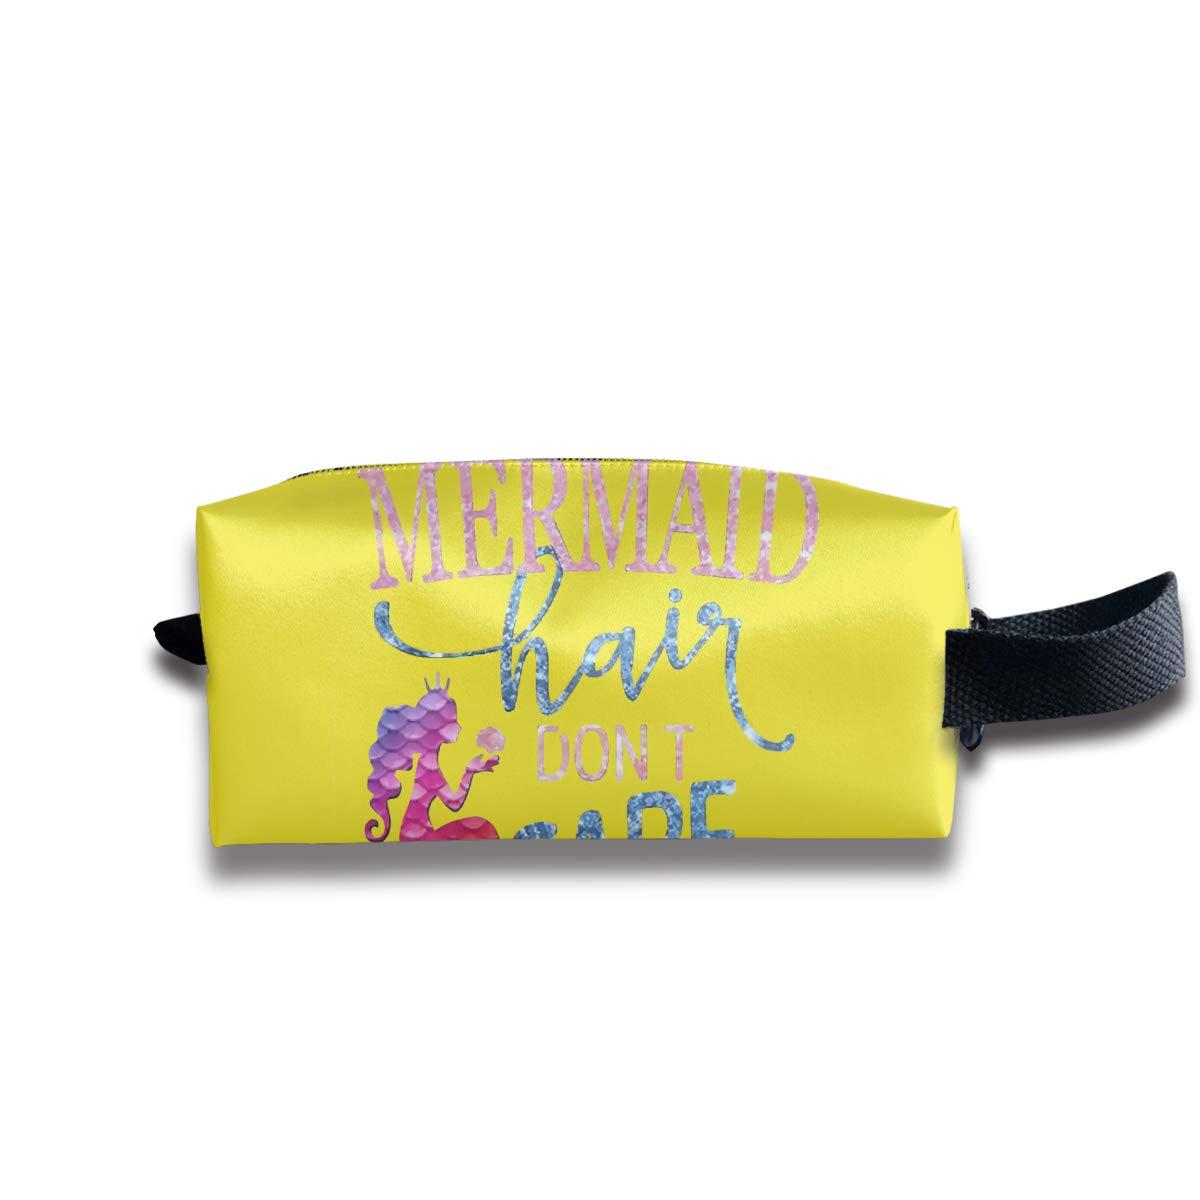 Mermaid Hair Don't Care Makeup Bag Cosmetic Toiletry Travel Bag Storage Bags For Women Men